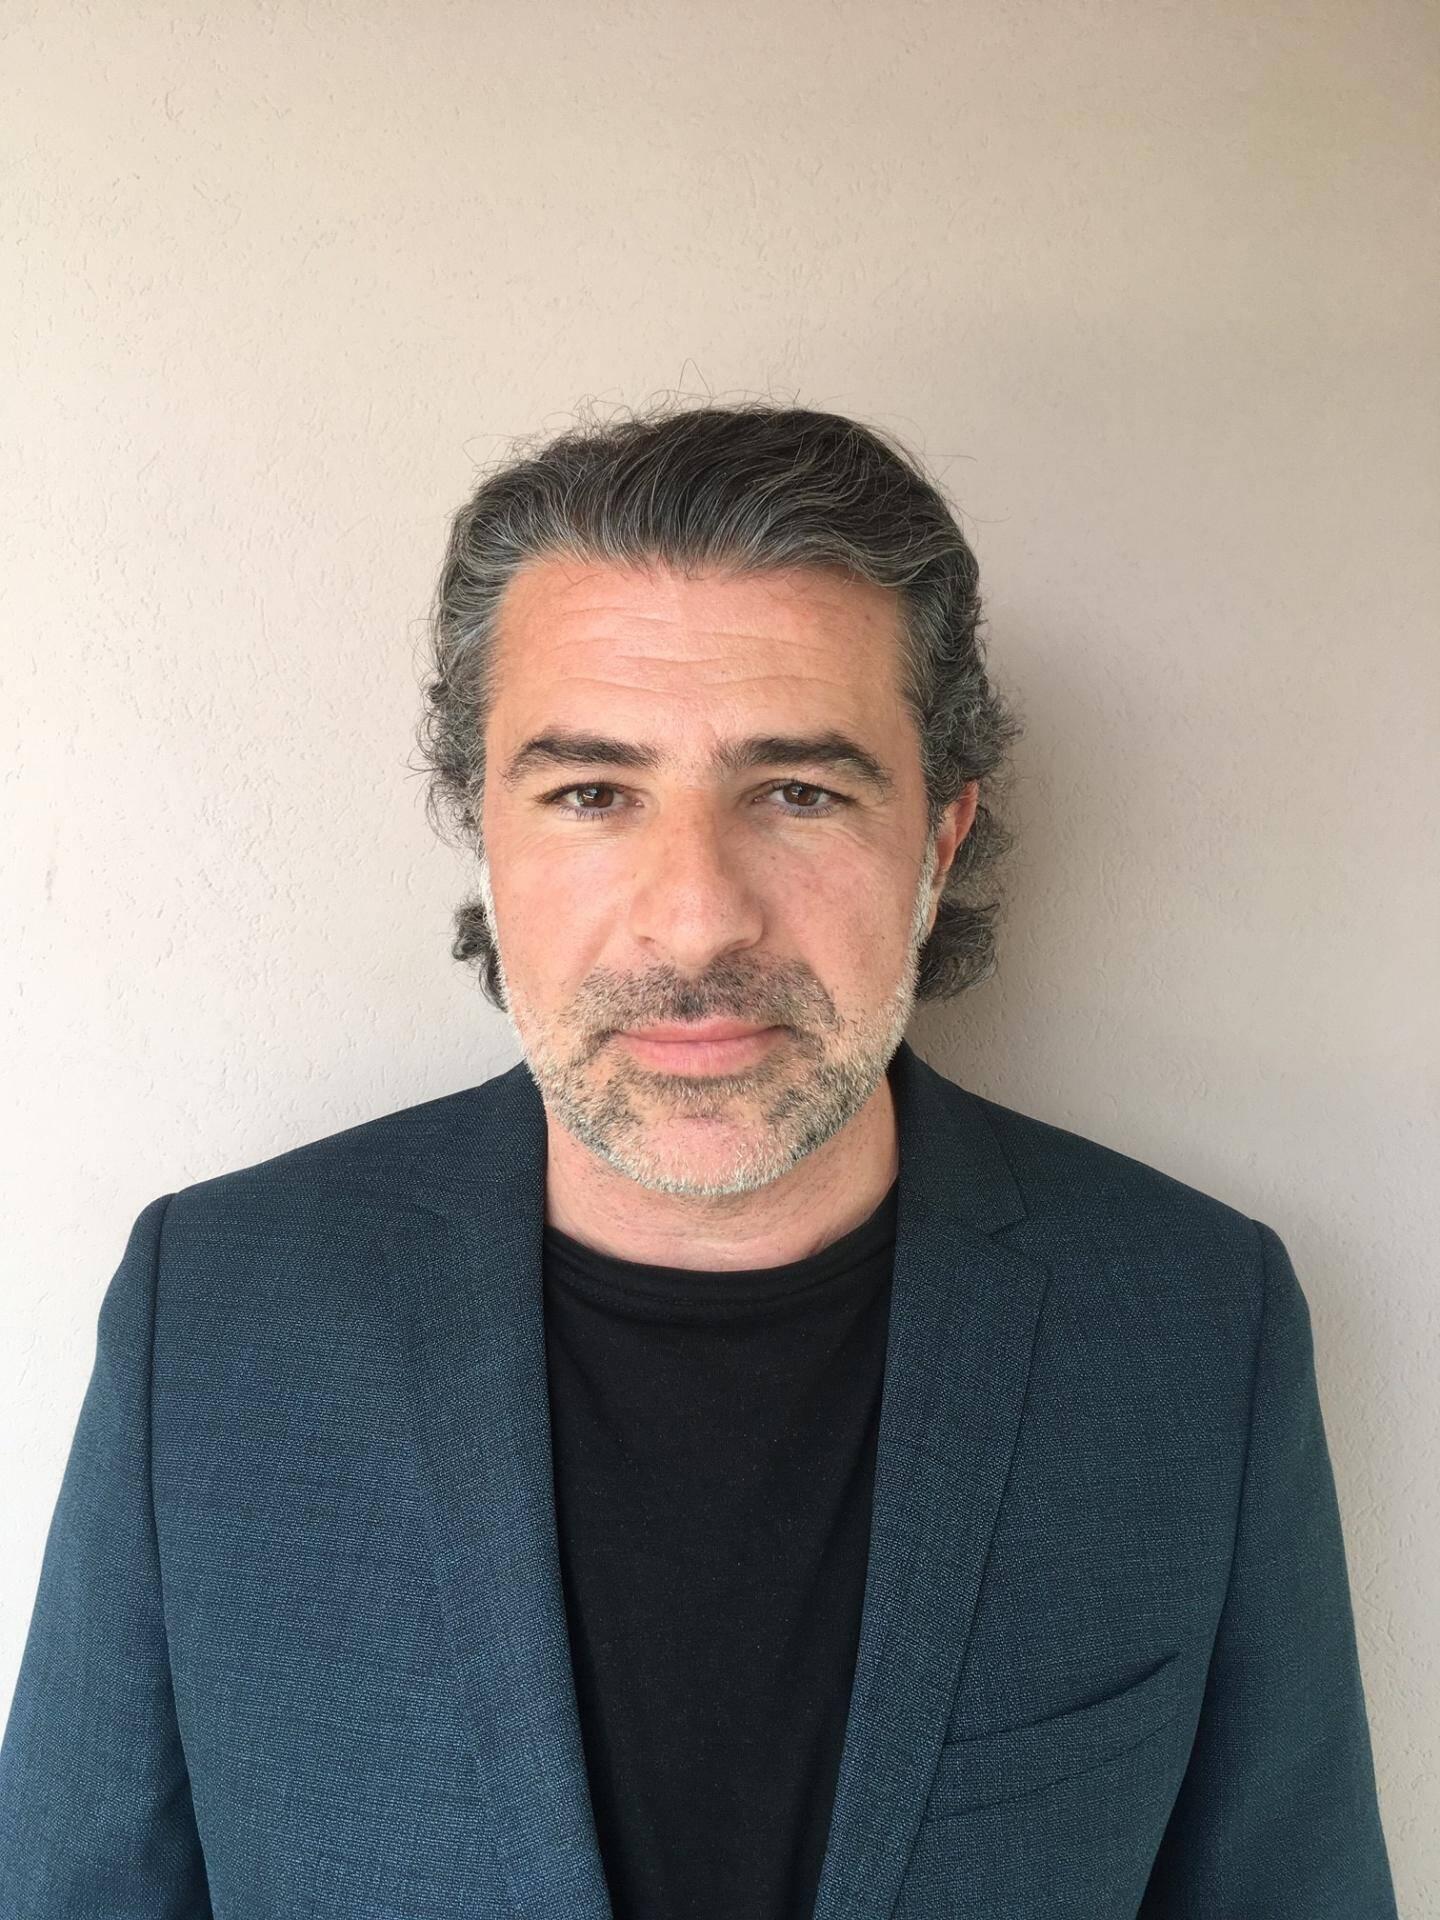 Me David Allouche : « Il faut arrêter cette mascarade qui abîme l'image de notre profession. »(DR)